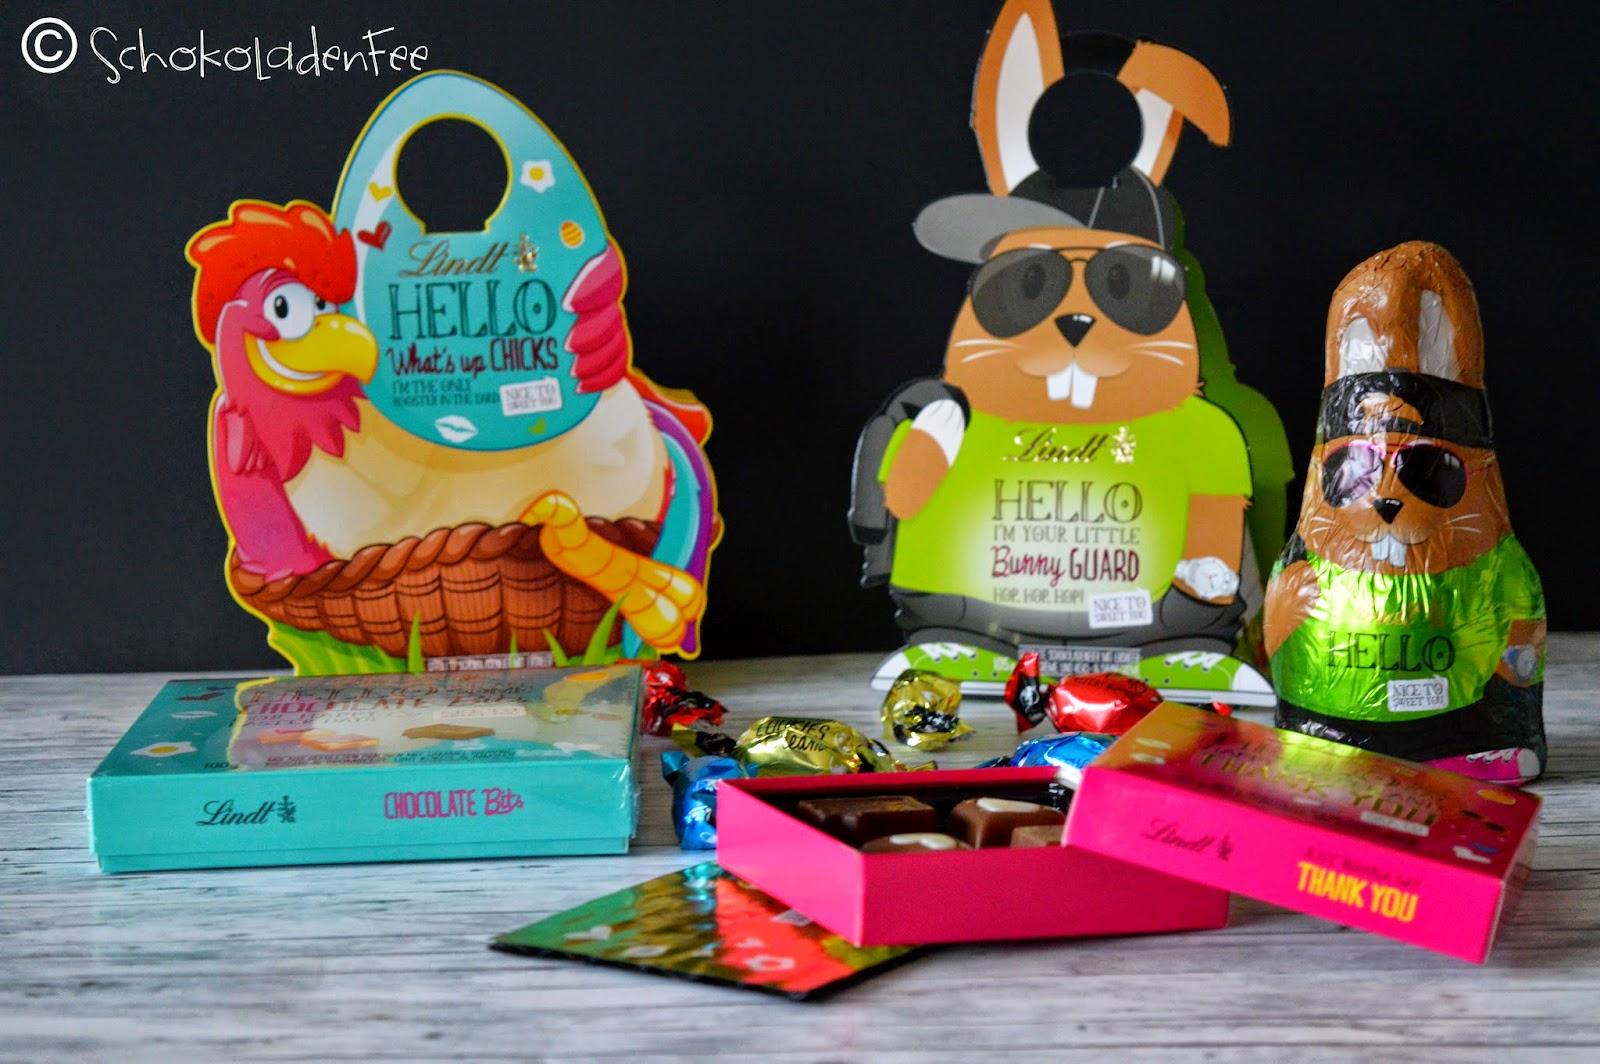 http://schokoladen-fee.blogspot.de/2015/03/produkttest-lindt-hello-osterkollektion.html